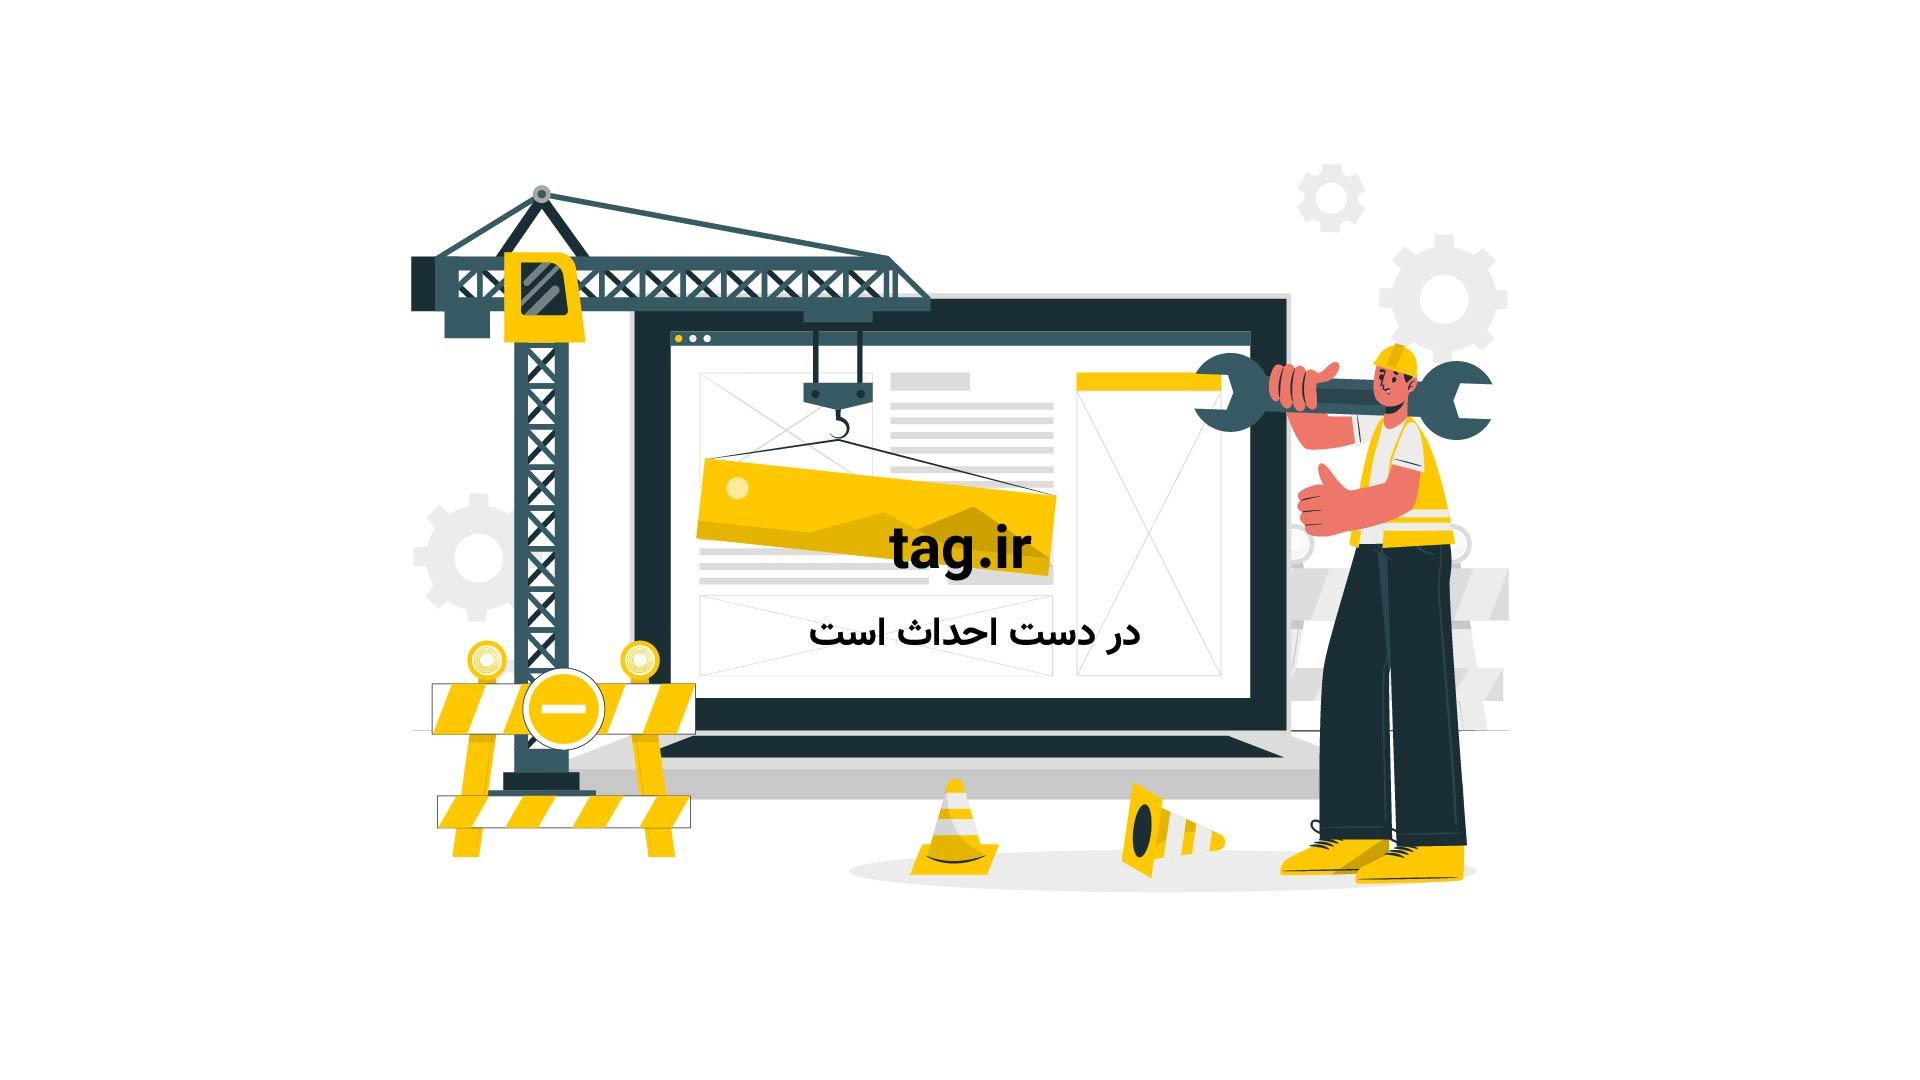 حمله موشکی به سوریه آغاز شد   فیلم